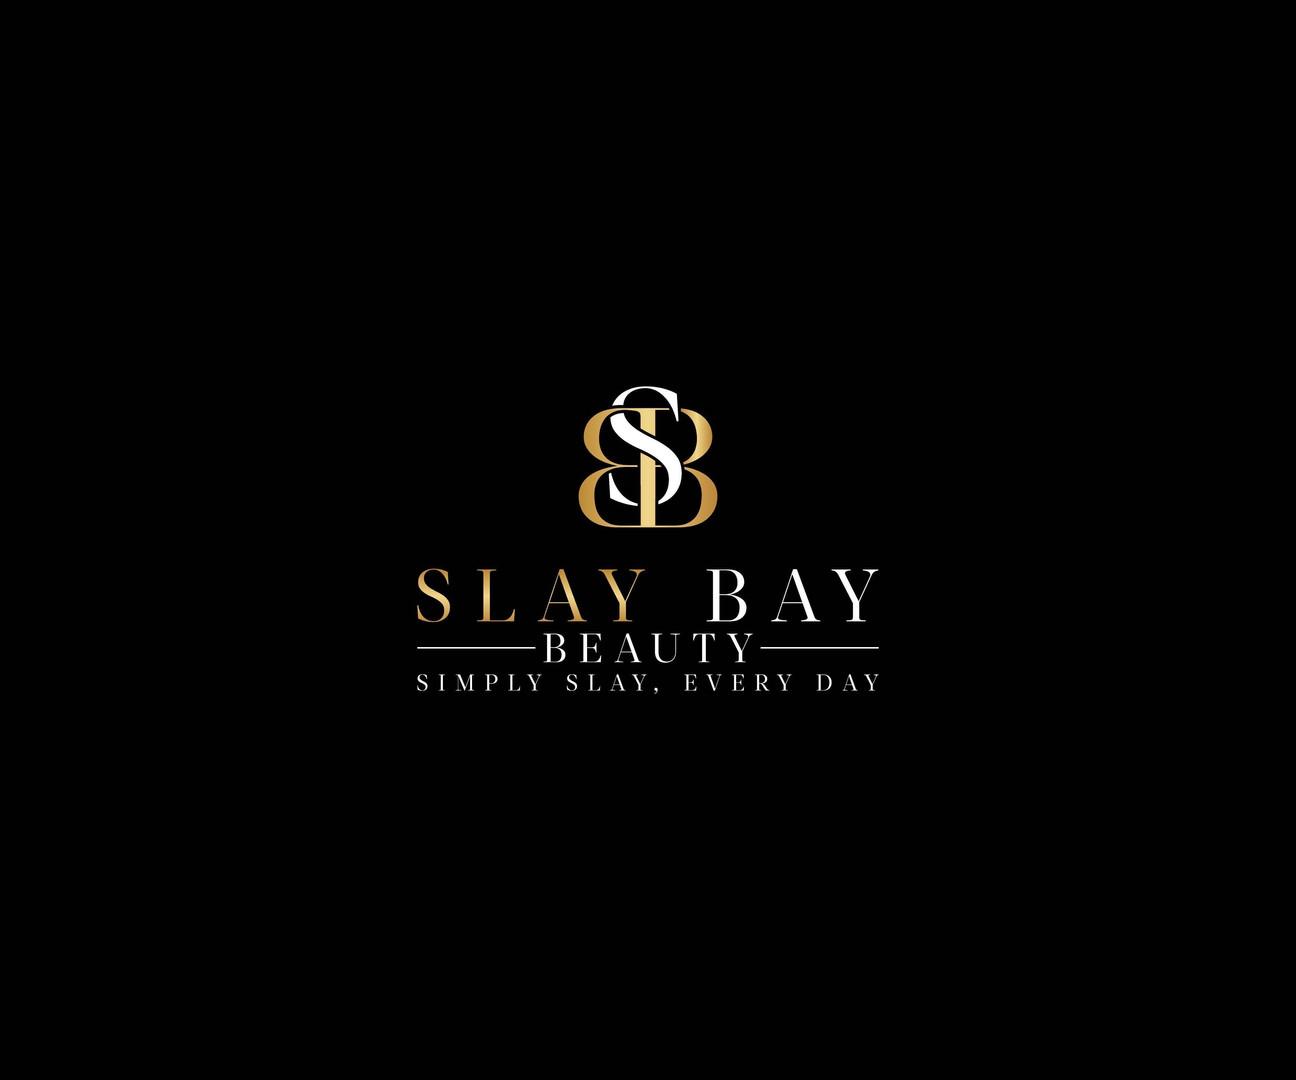 Slay Bay Beauty